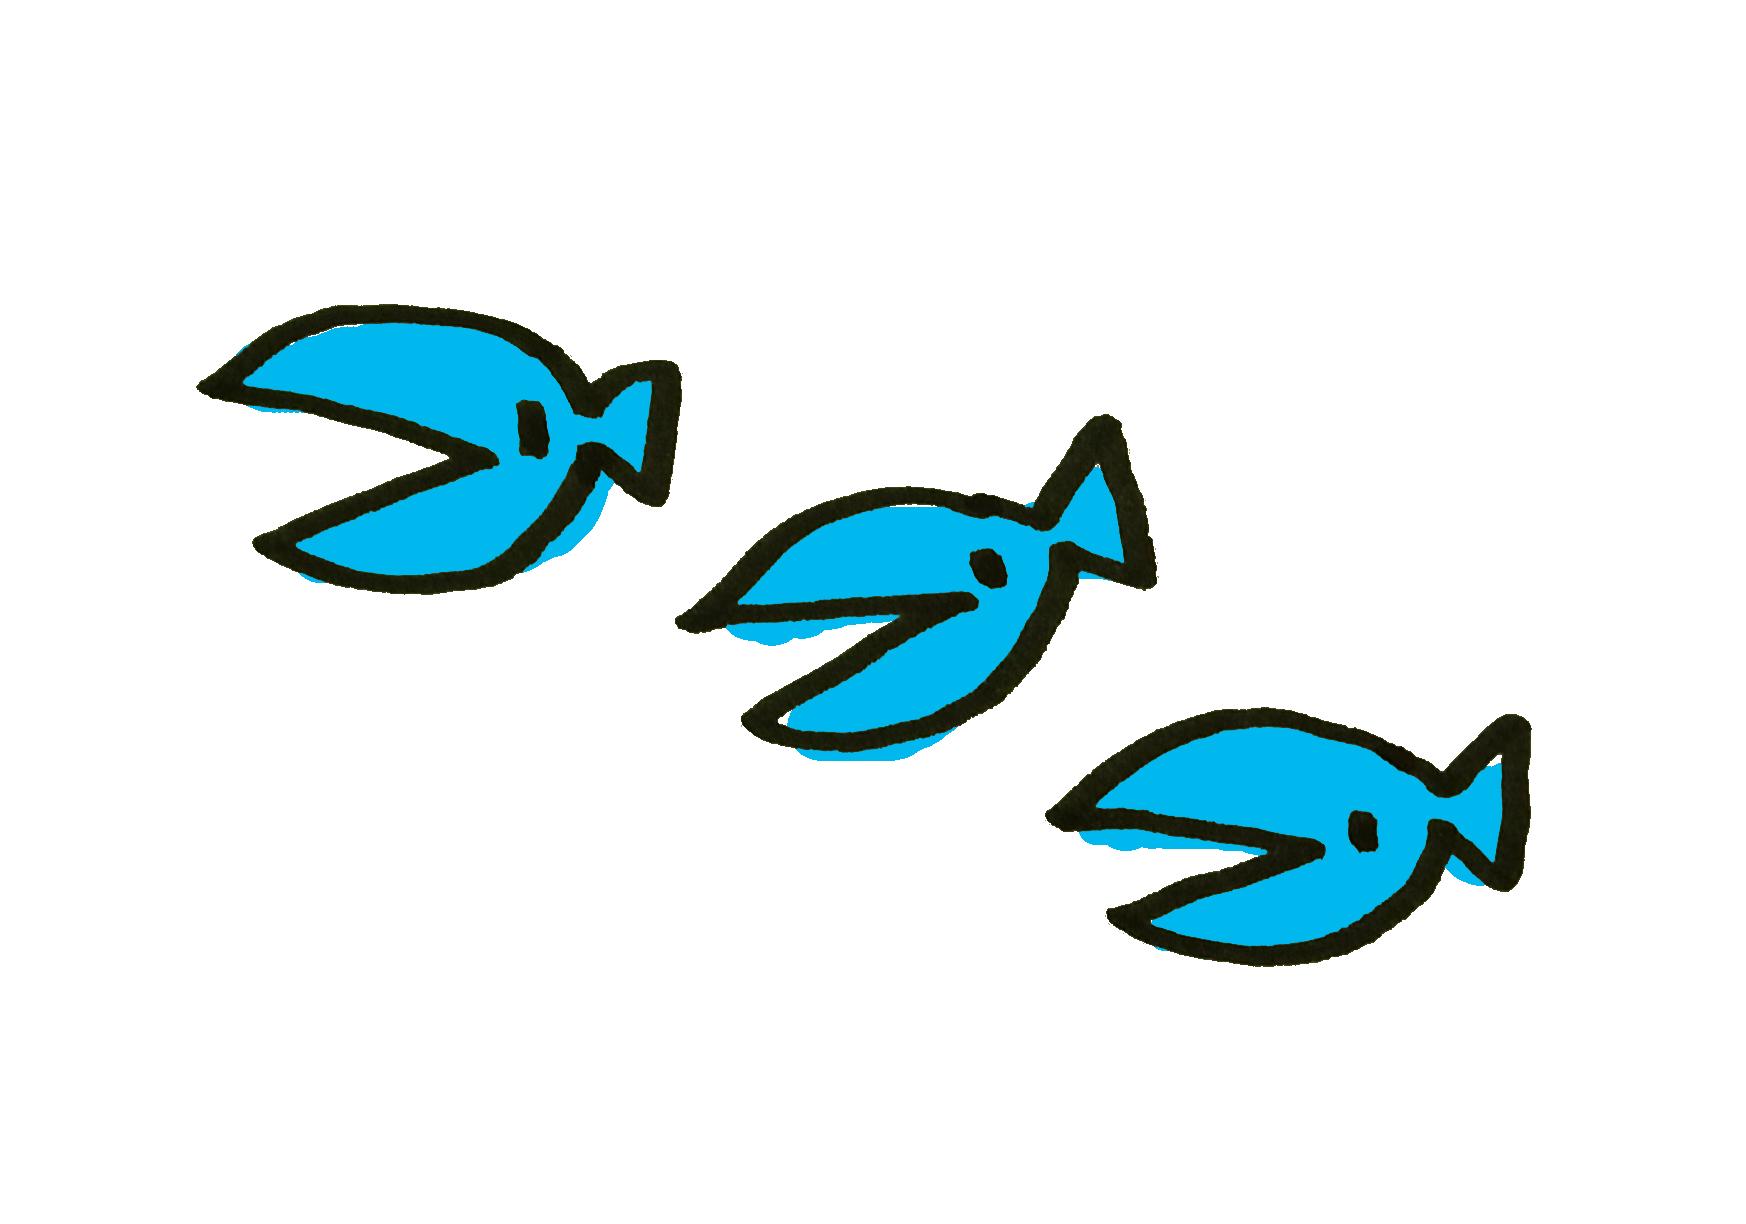 3匹の小魚さんのイラスト | ゆるくてかわいい無料イラスト素材屋